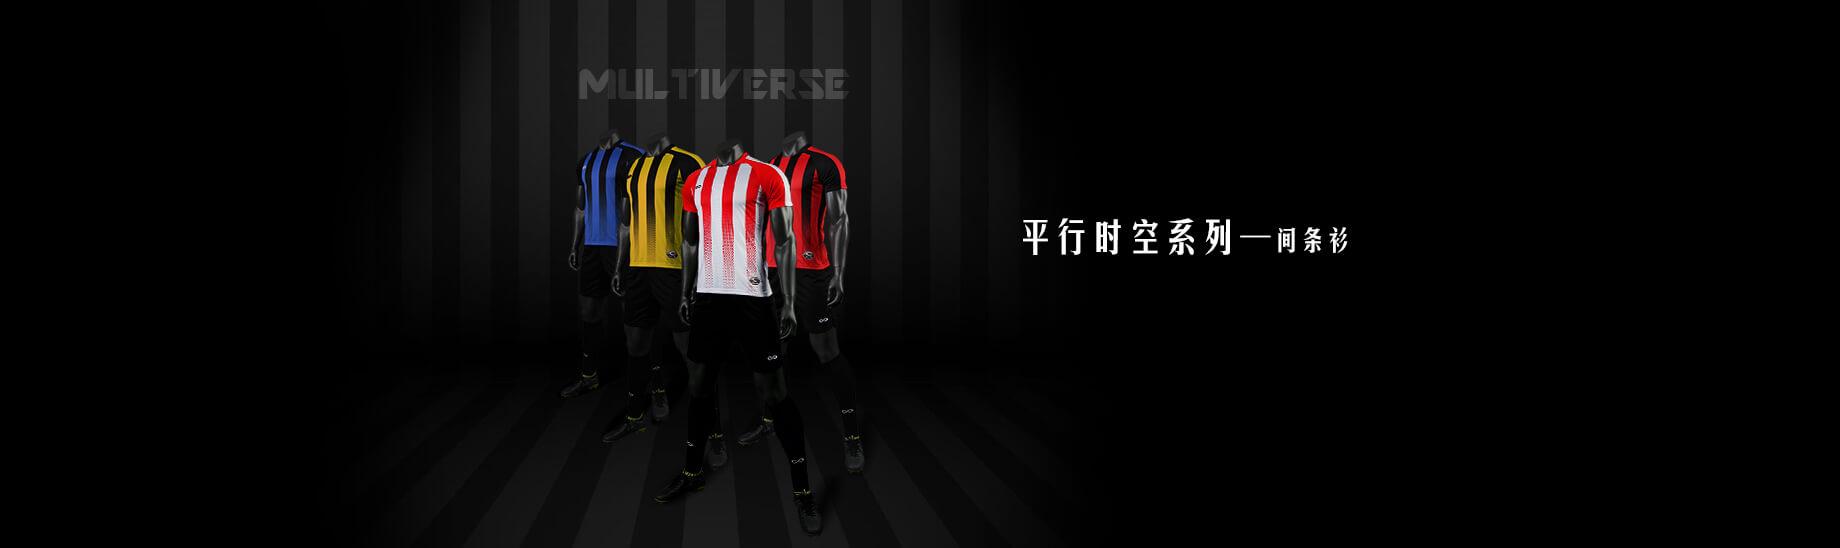 平行时空系列足球比赛服